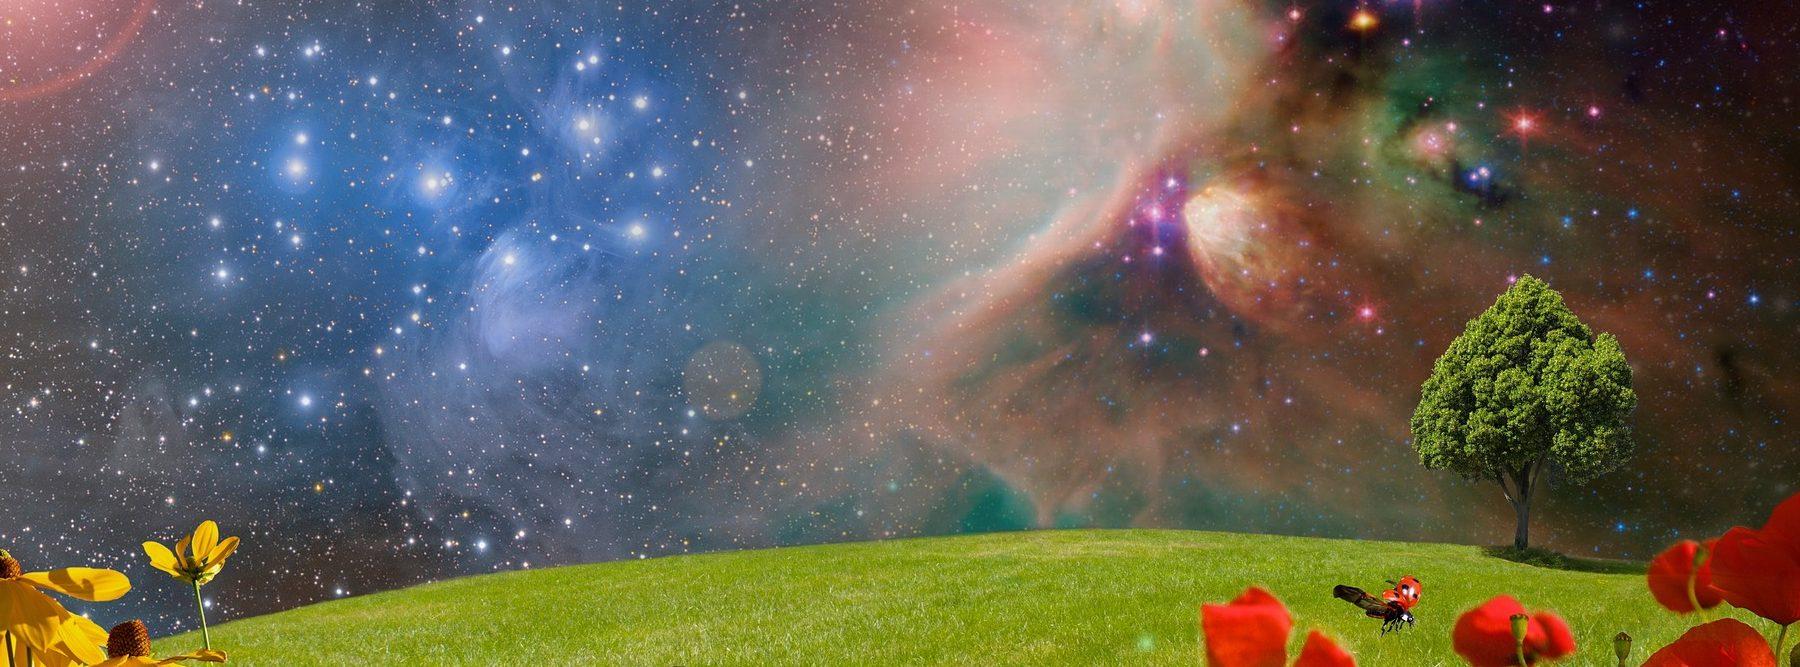 Este nuevo dispositivo óptico podría detectar vida vegetal extraterrestre